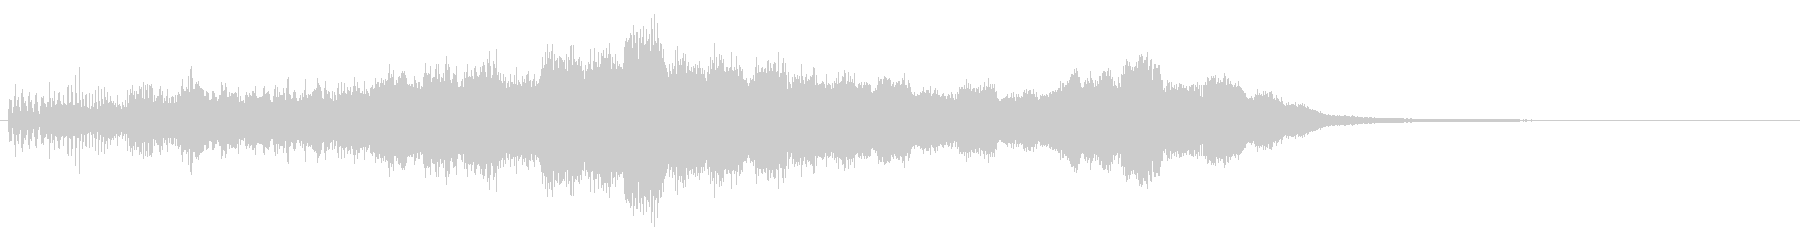 上昇 パンムーバー02の未再生の波形